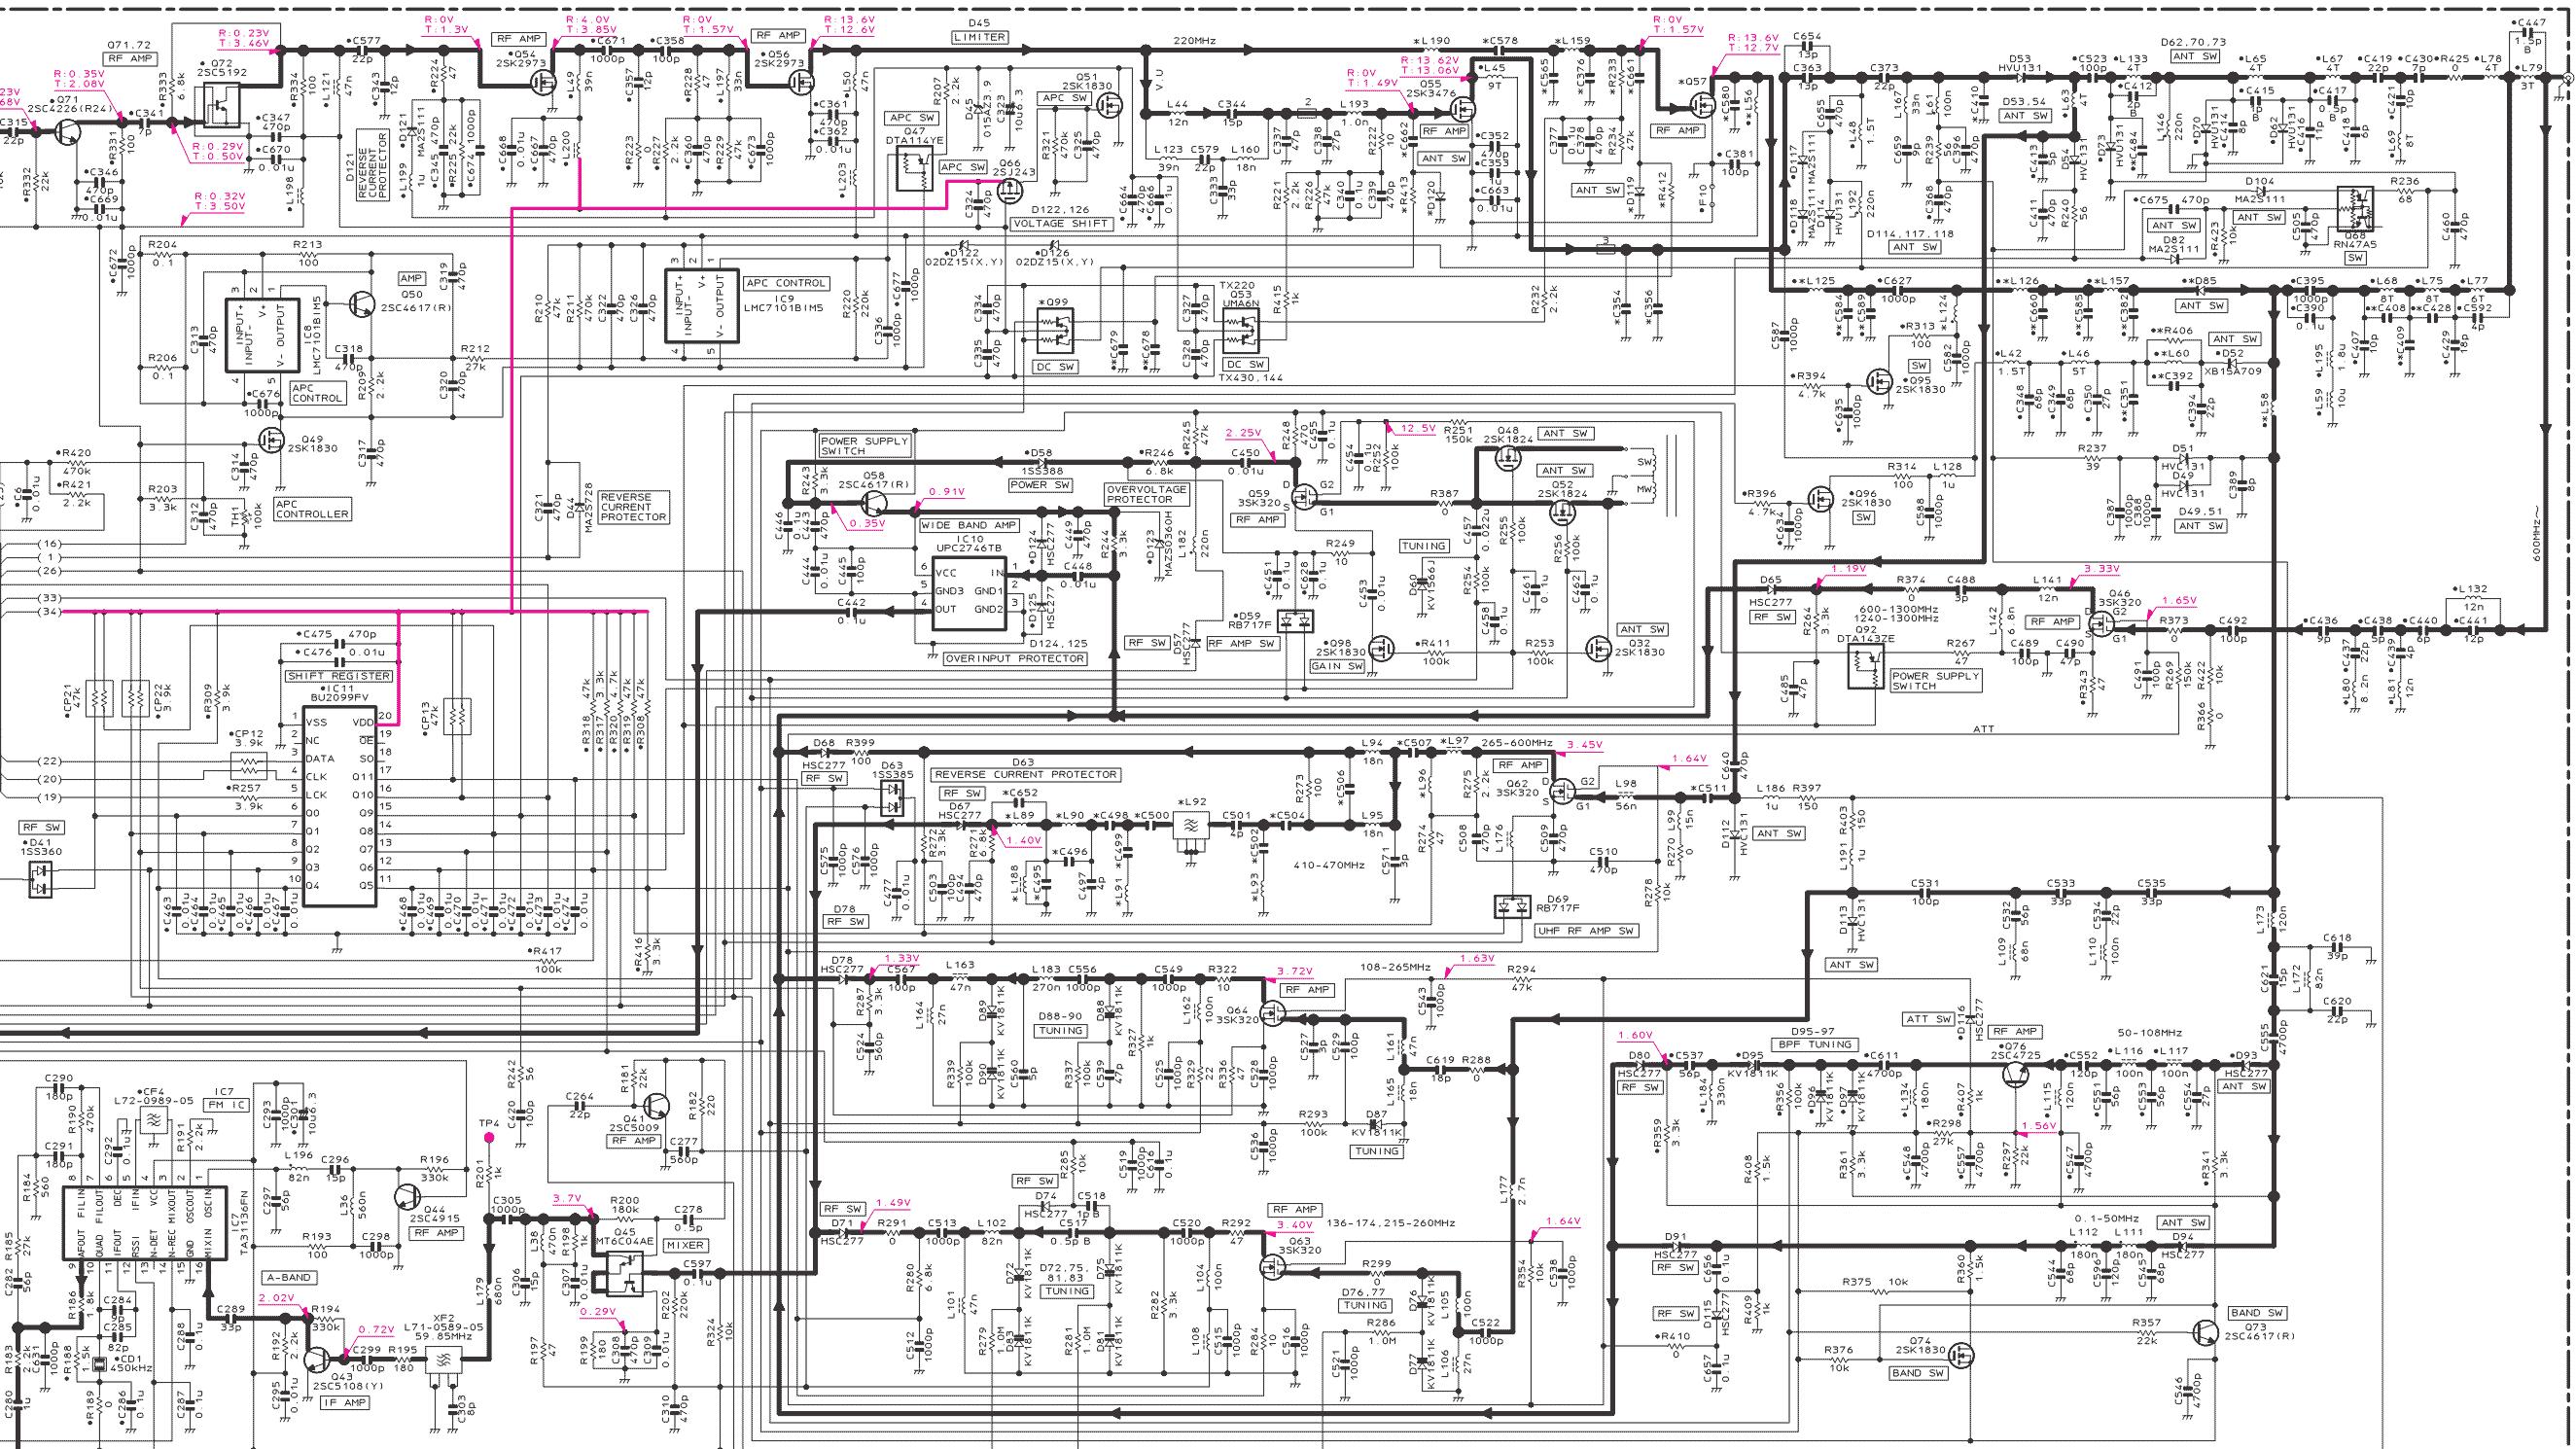 Принципиальная электрическая схема радиостанции р-169 п1-01